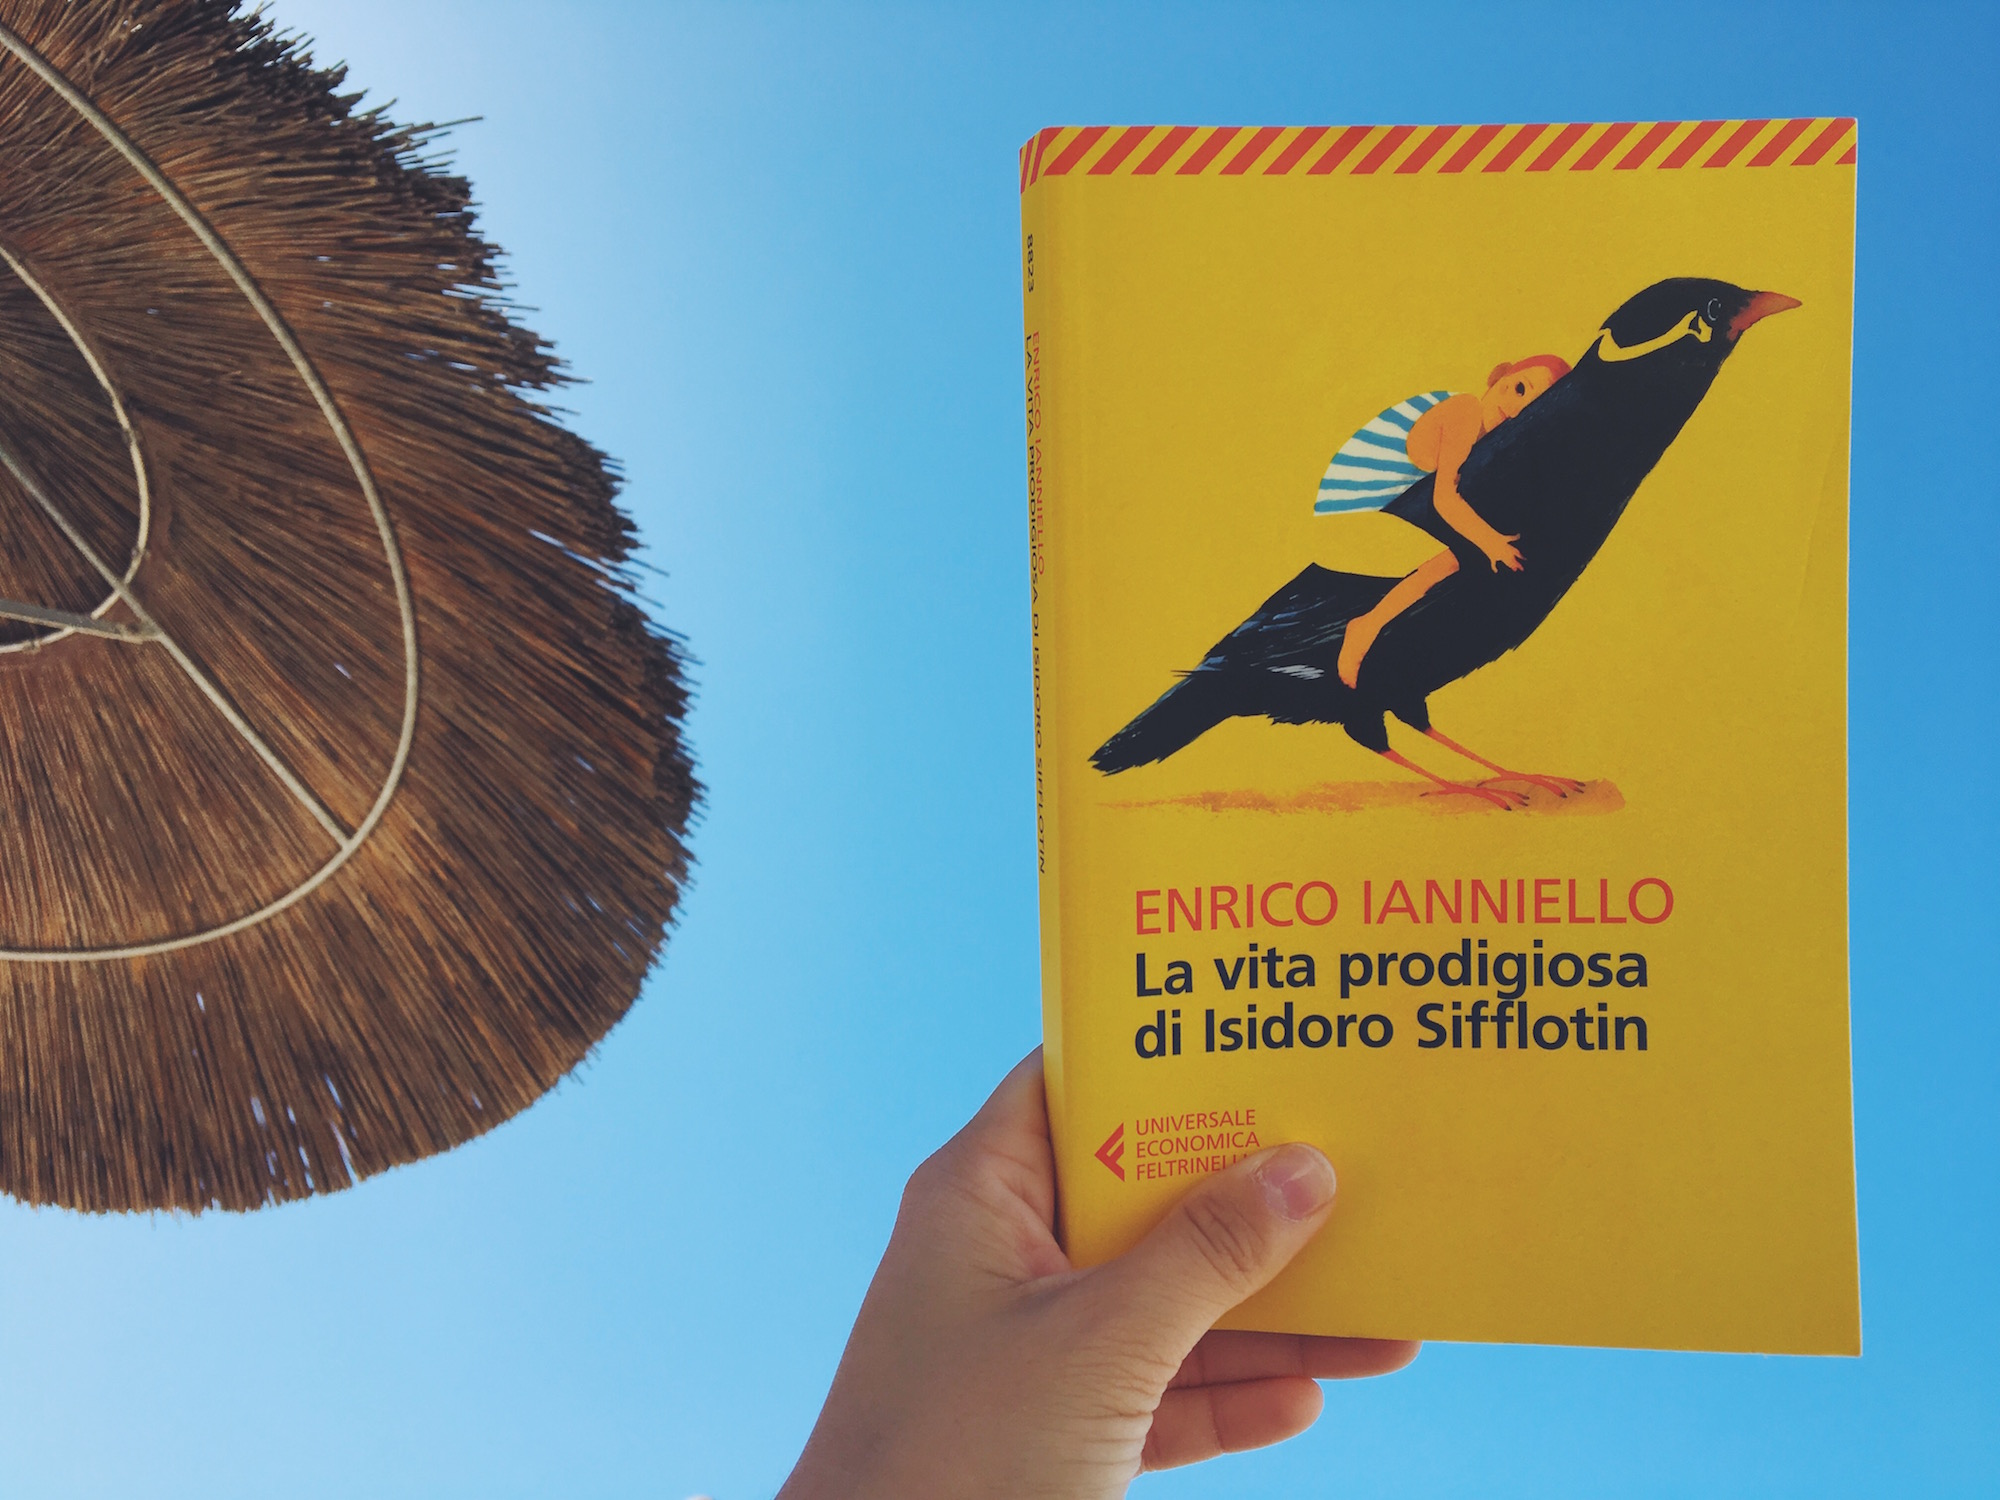 La vita prodigiosa di Isidoro Sifflotin - un libro felicissimo e tristissimo contemporaneamente